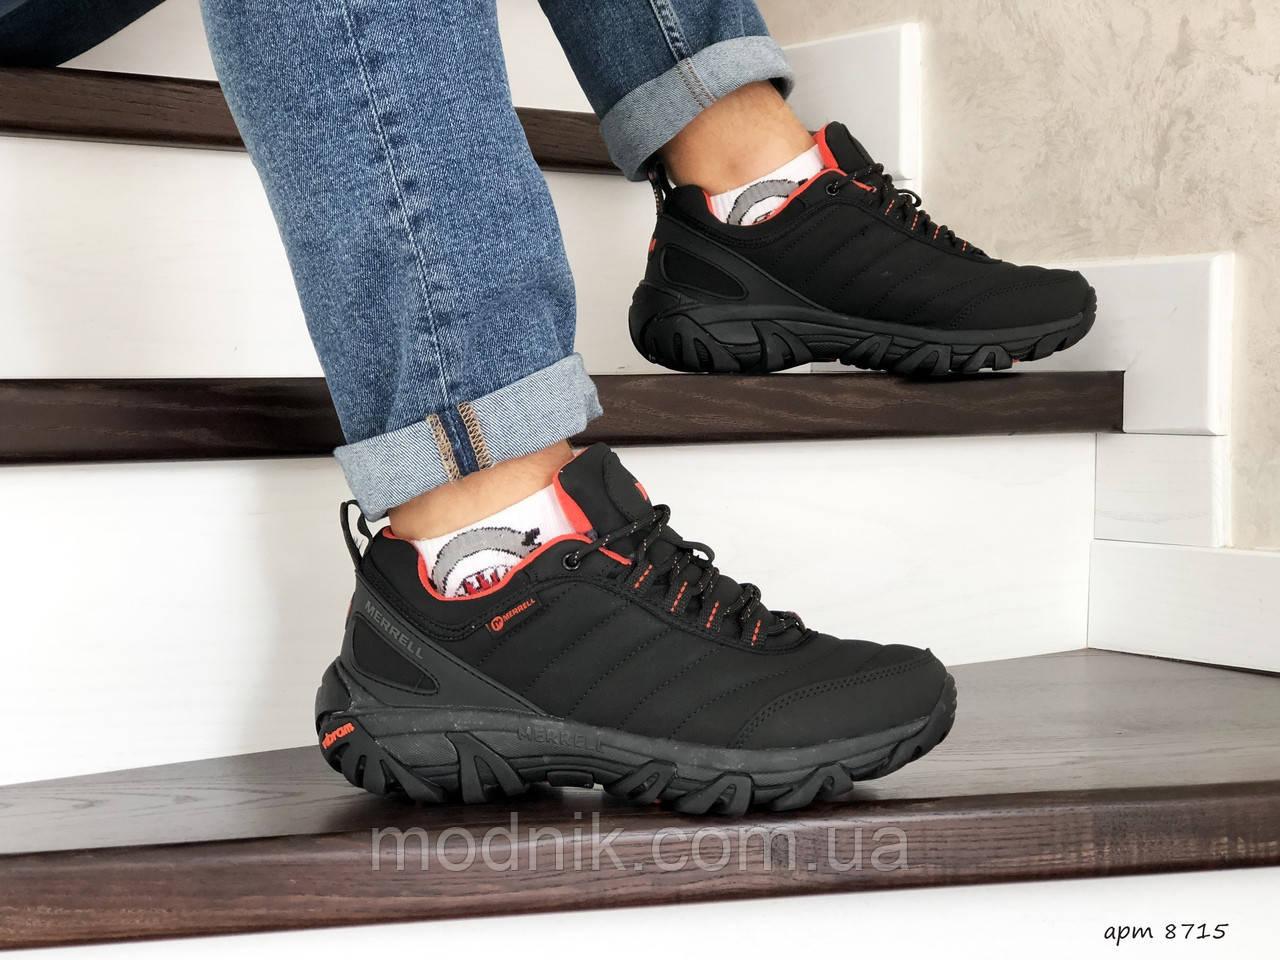 Мужские зимние кроссовки Merrell (черно-оранжевые)